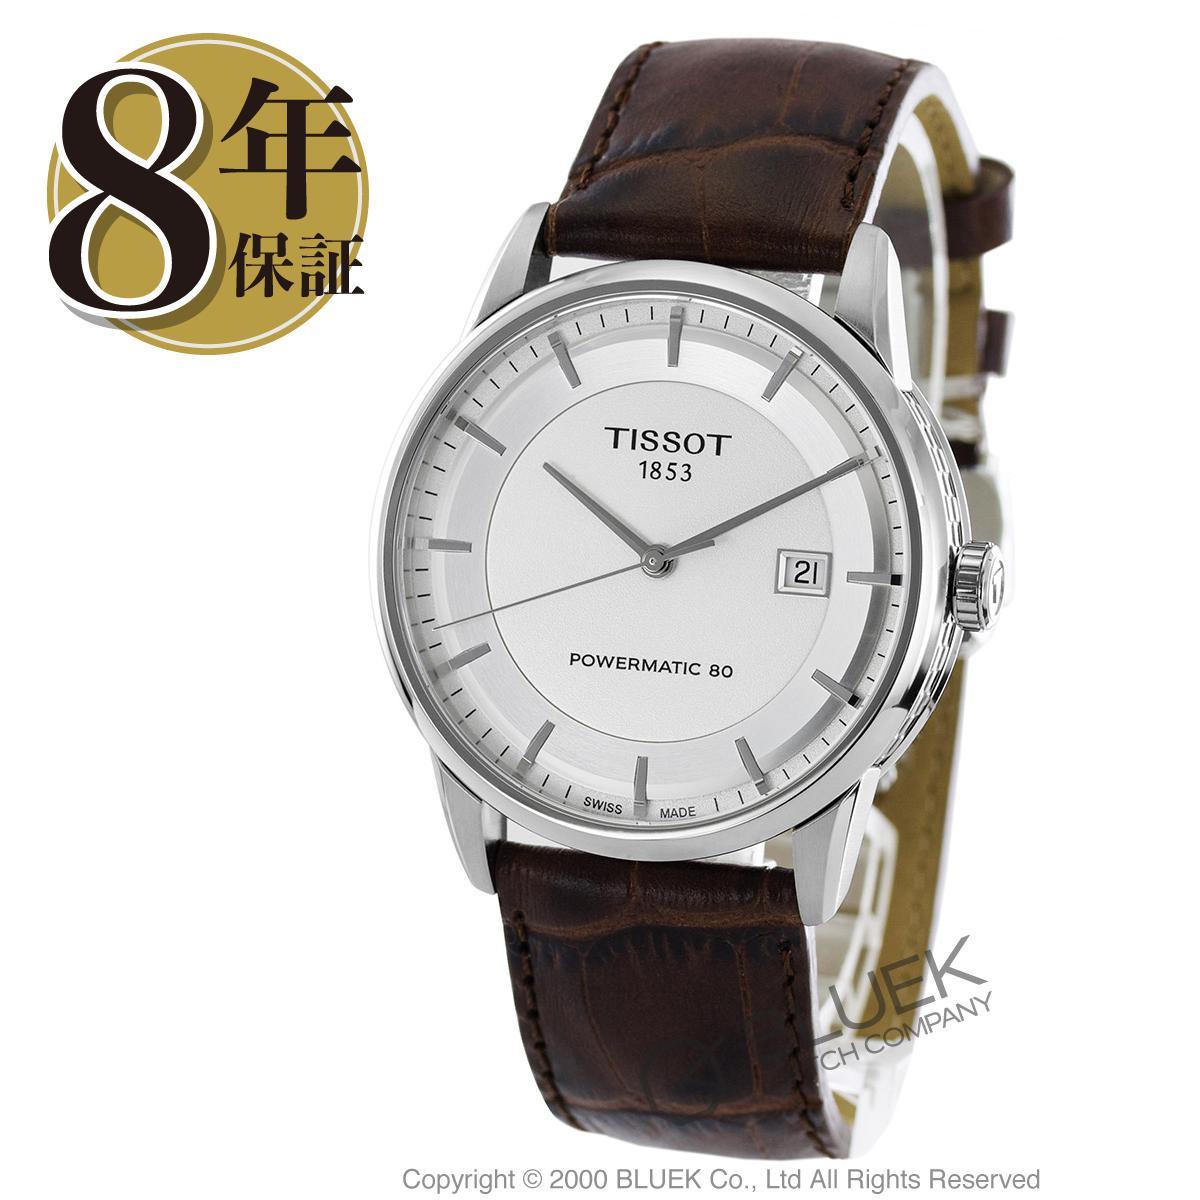 ティソ T-クラシック ラグジュアリー 腕時計 メンズ TISSOT T086.407.16.031.00_8